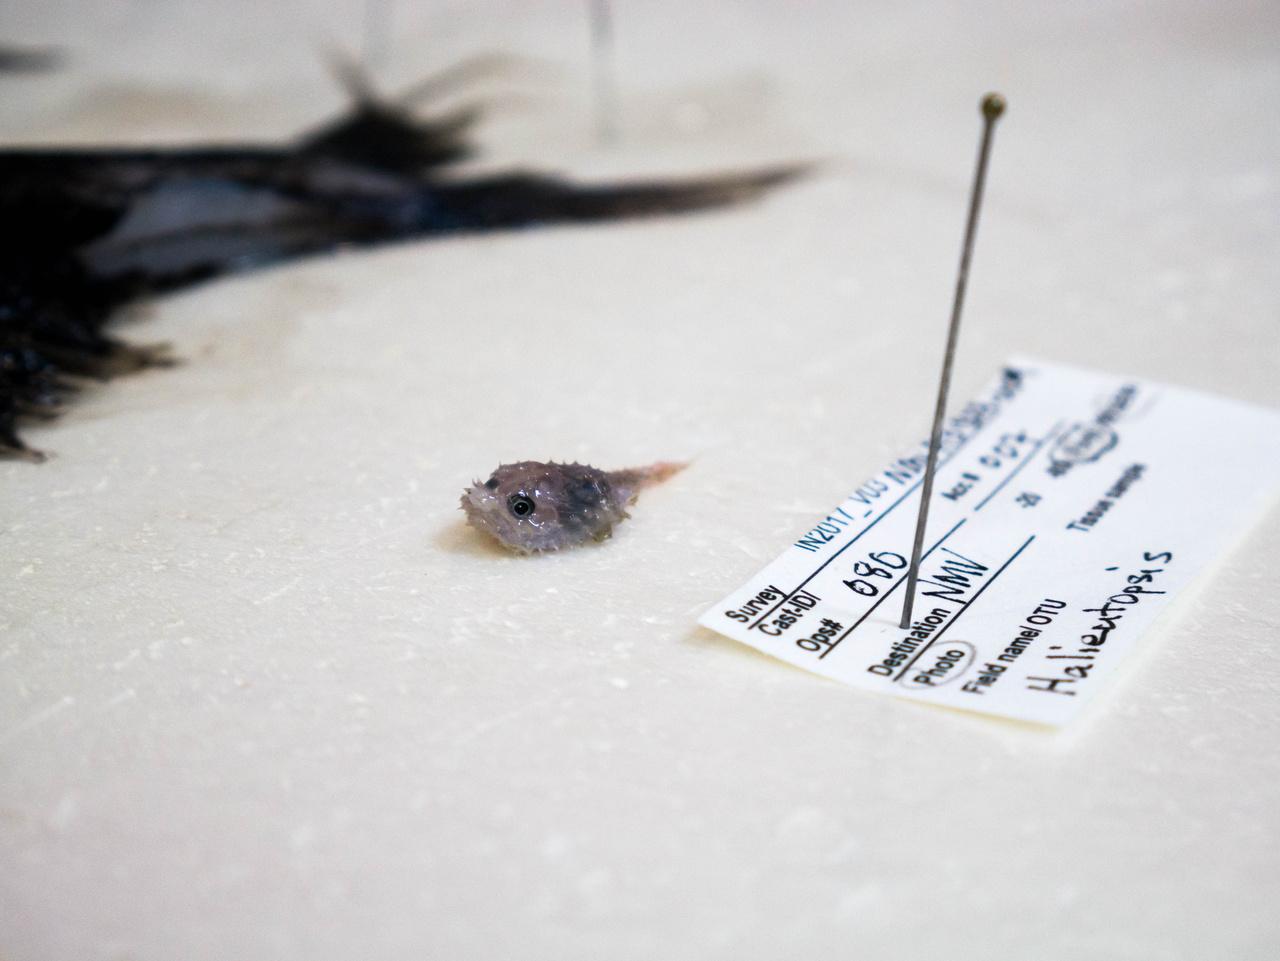 Az egyik legapróbb ez a horgászhalalakúak közé tartozó hal, amelyet a lapított teste miatt angolul denevérhalnak hívnak.